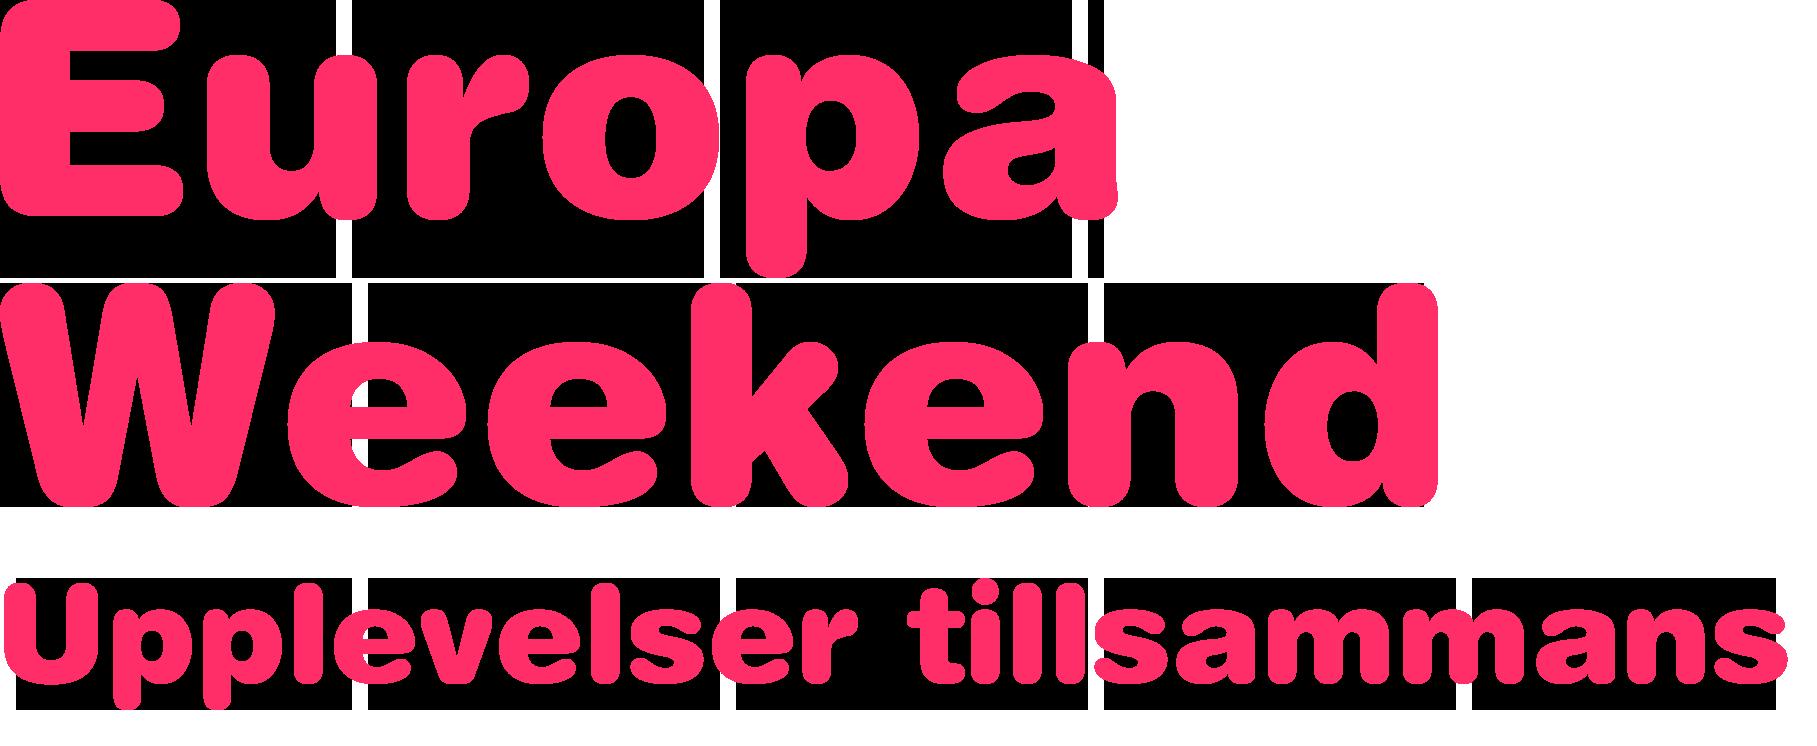 Europaweekend